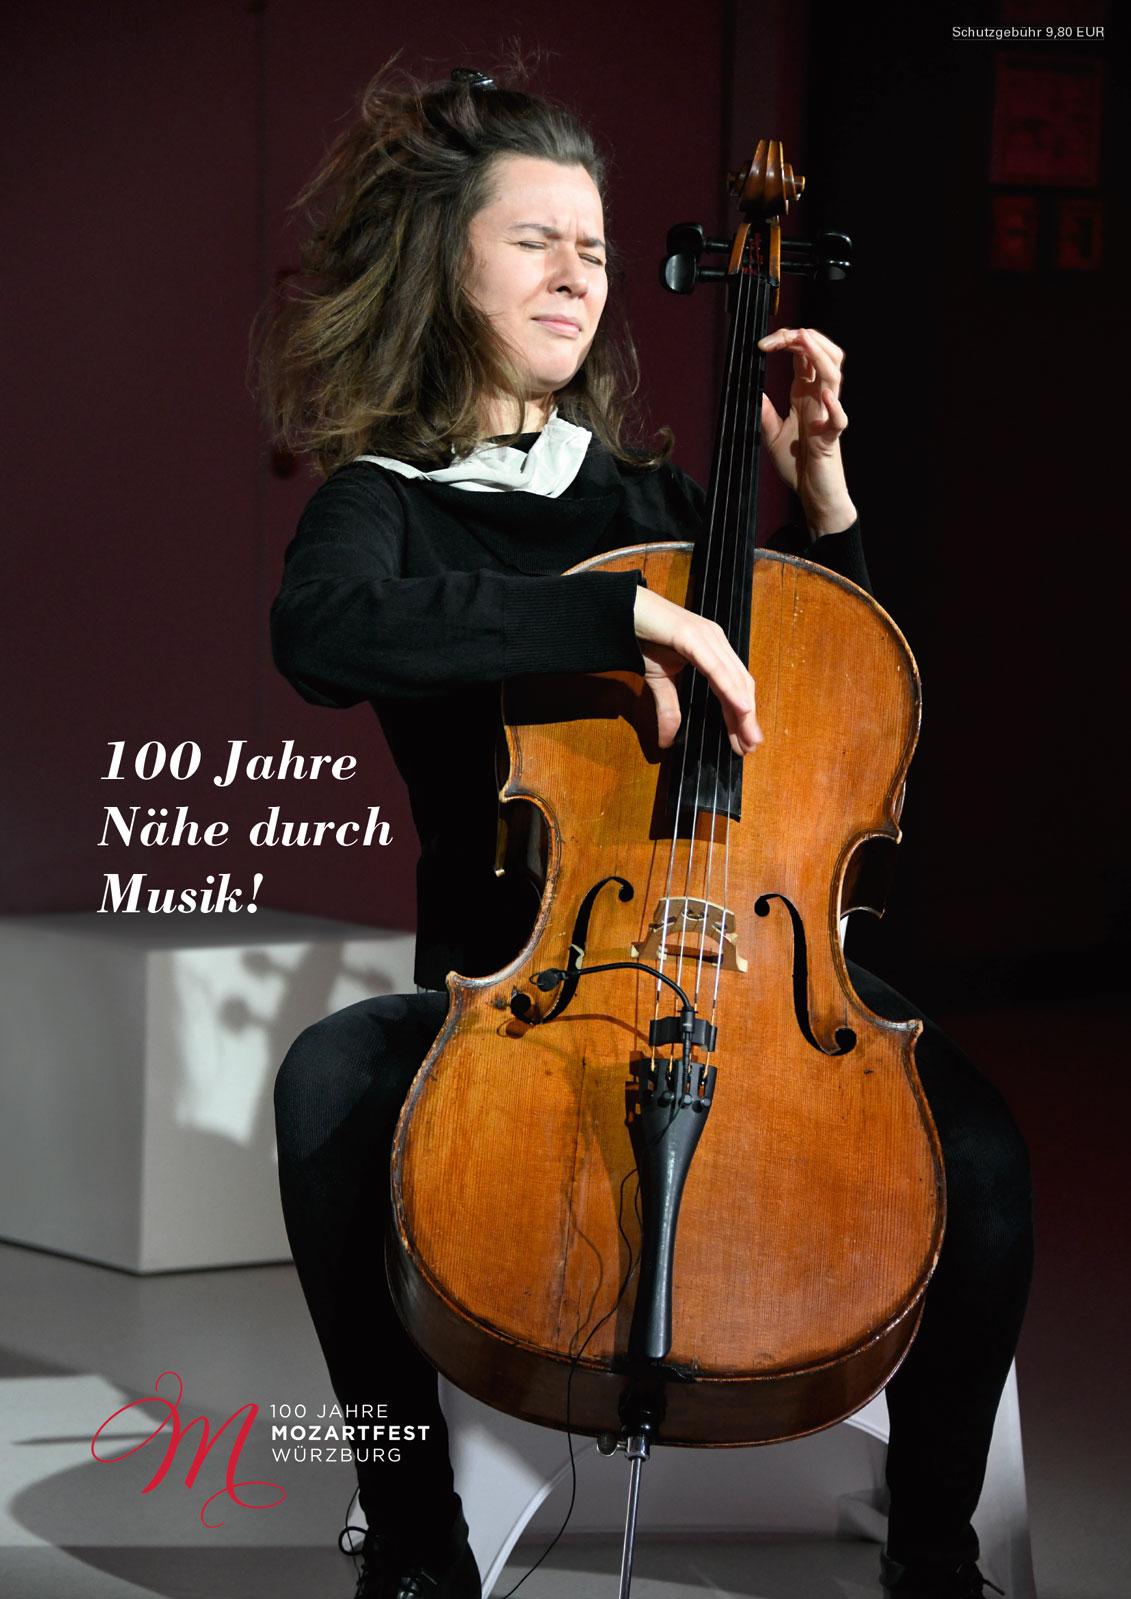 100 Jahre Mozartfest